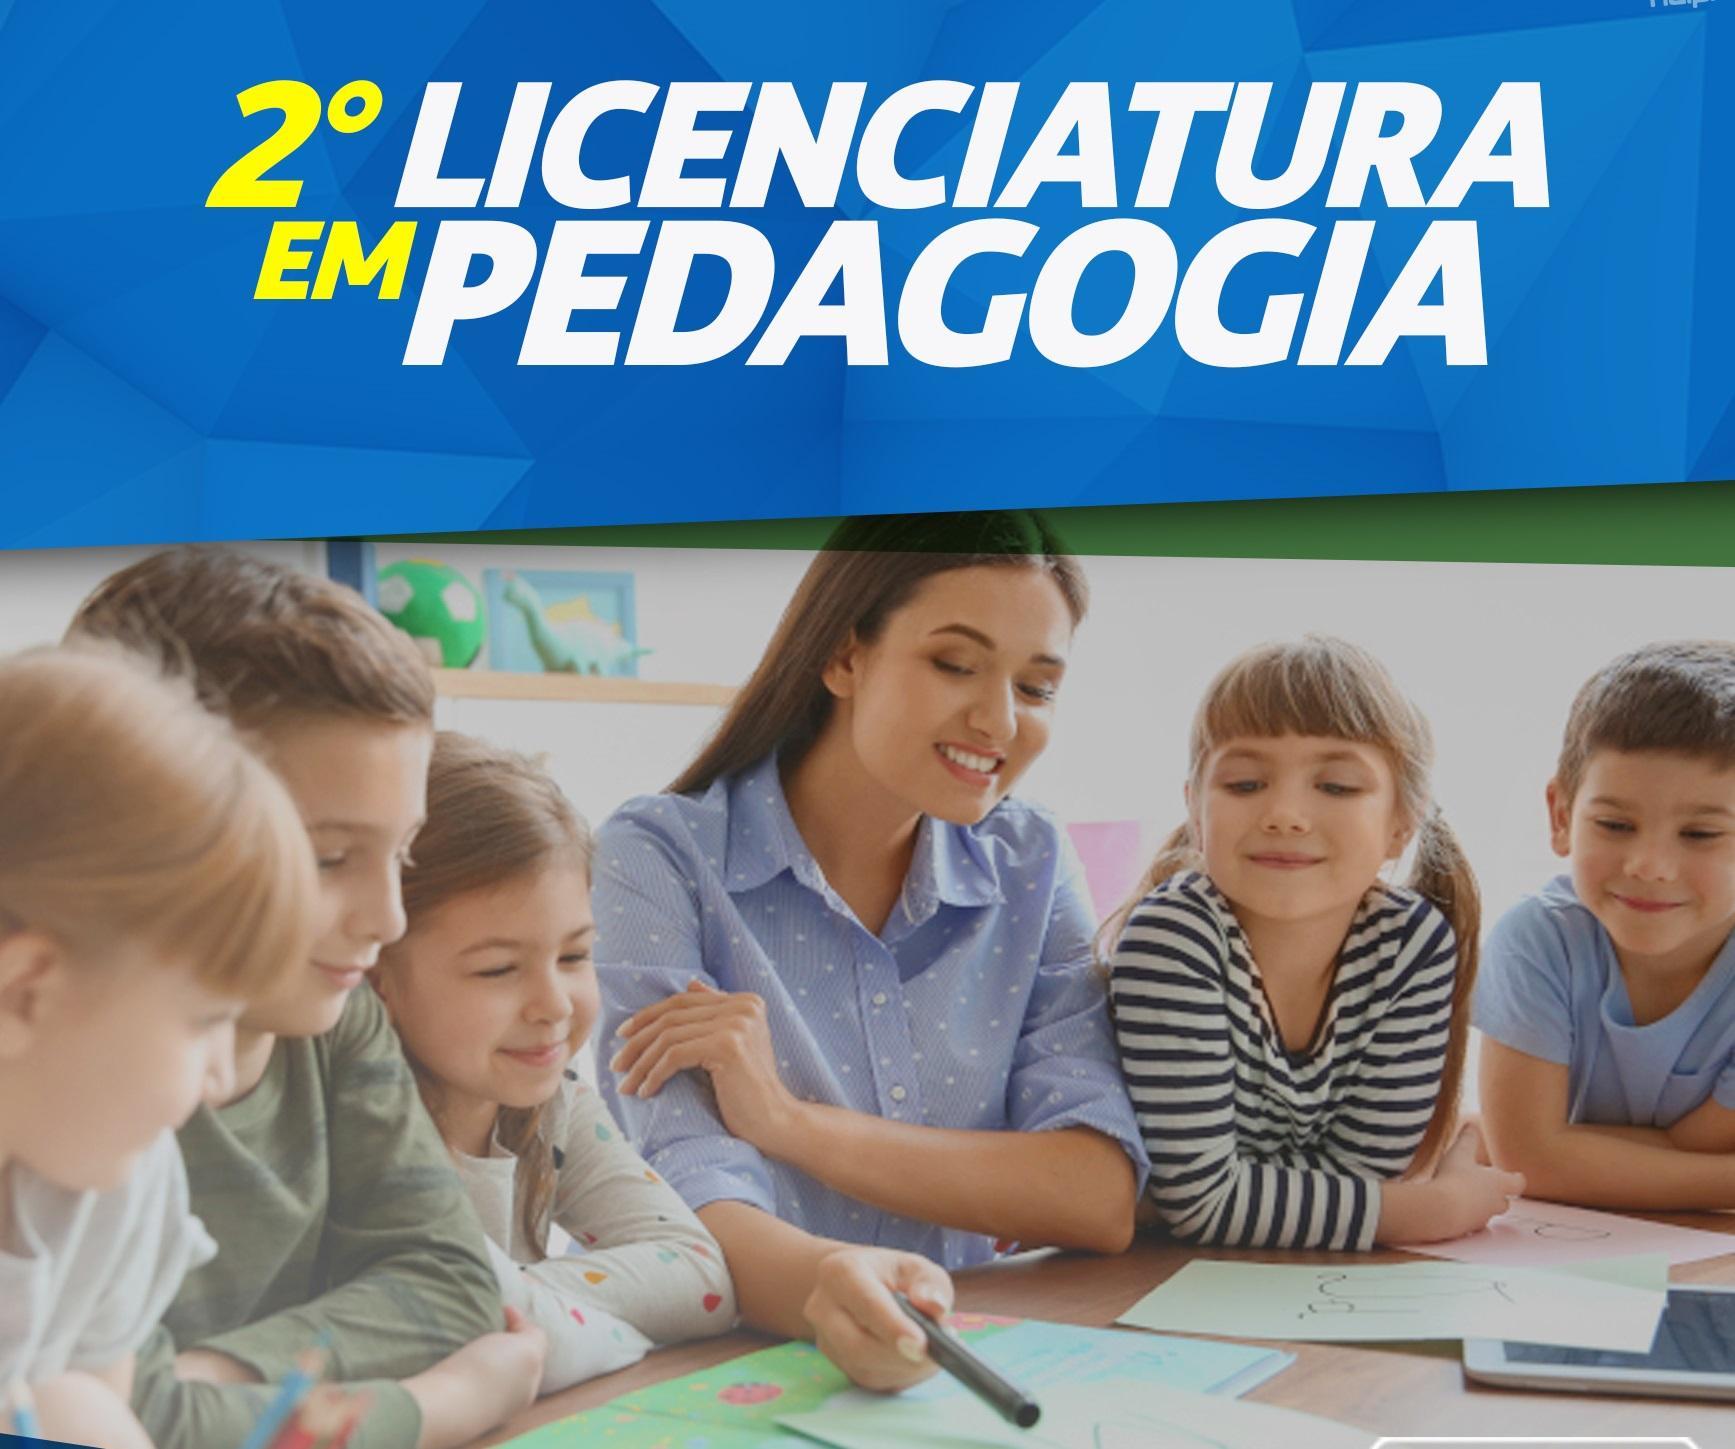 Courses/2019/08/complementacao-pedagogica.jpg